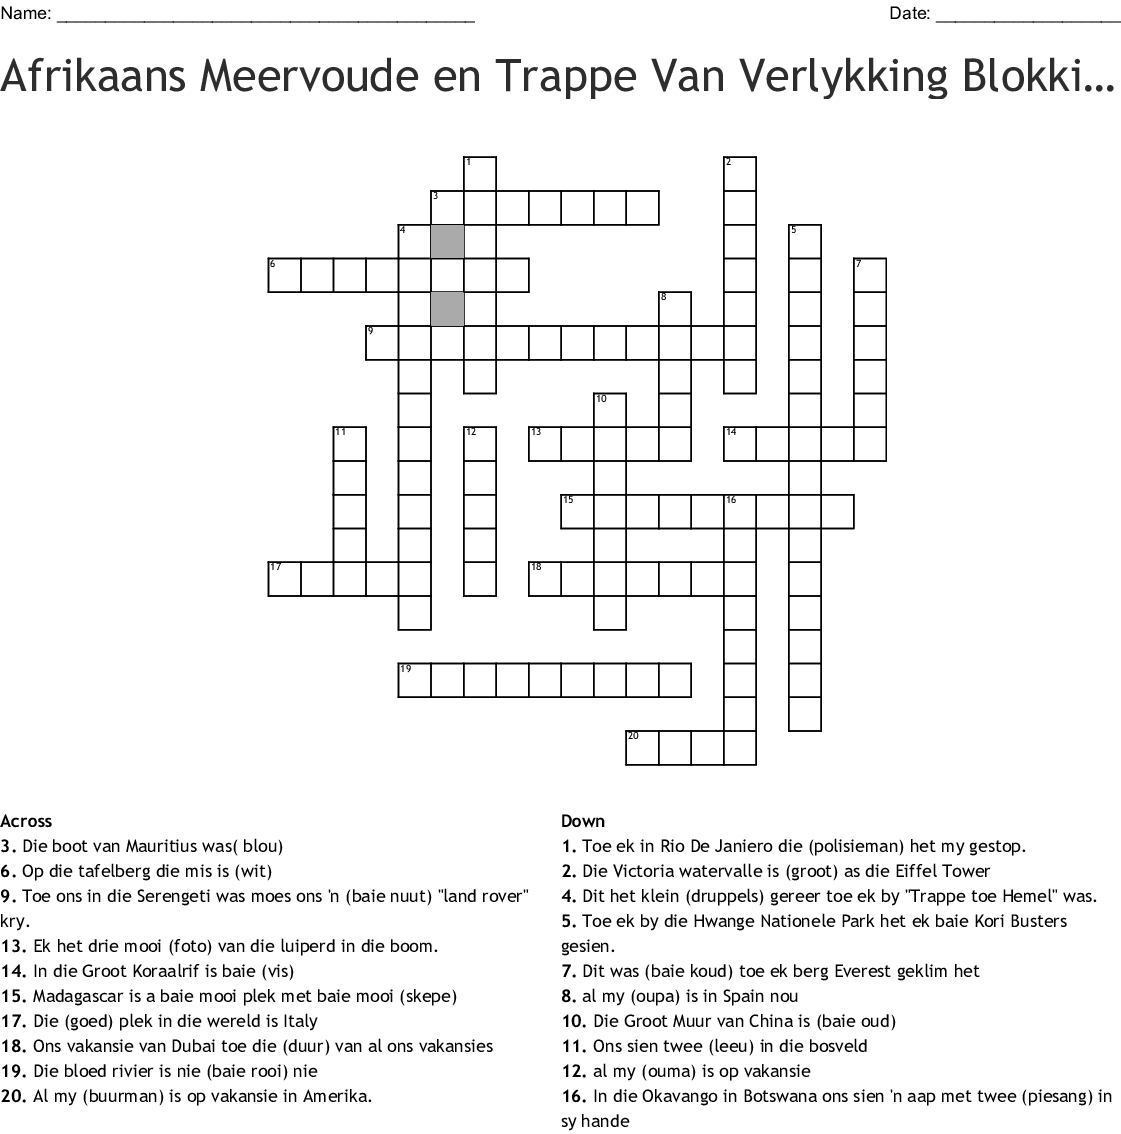 Intensiewe Vorme Toets Crossword